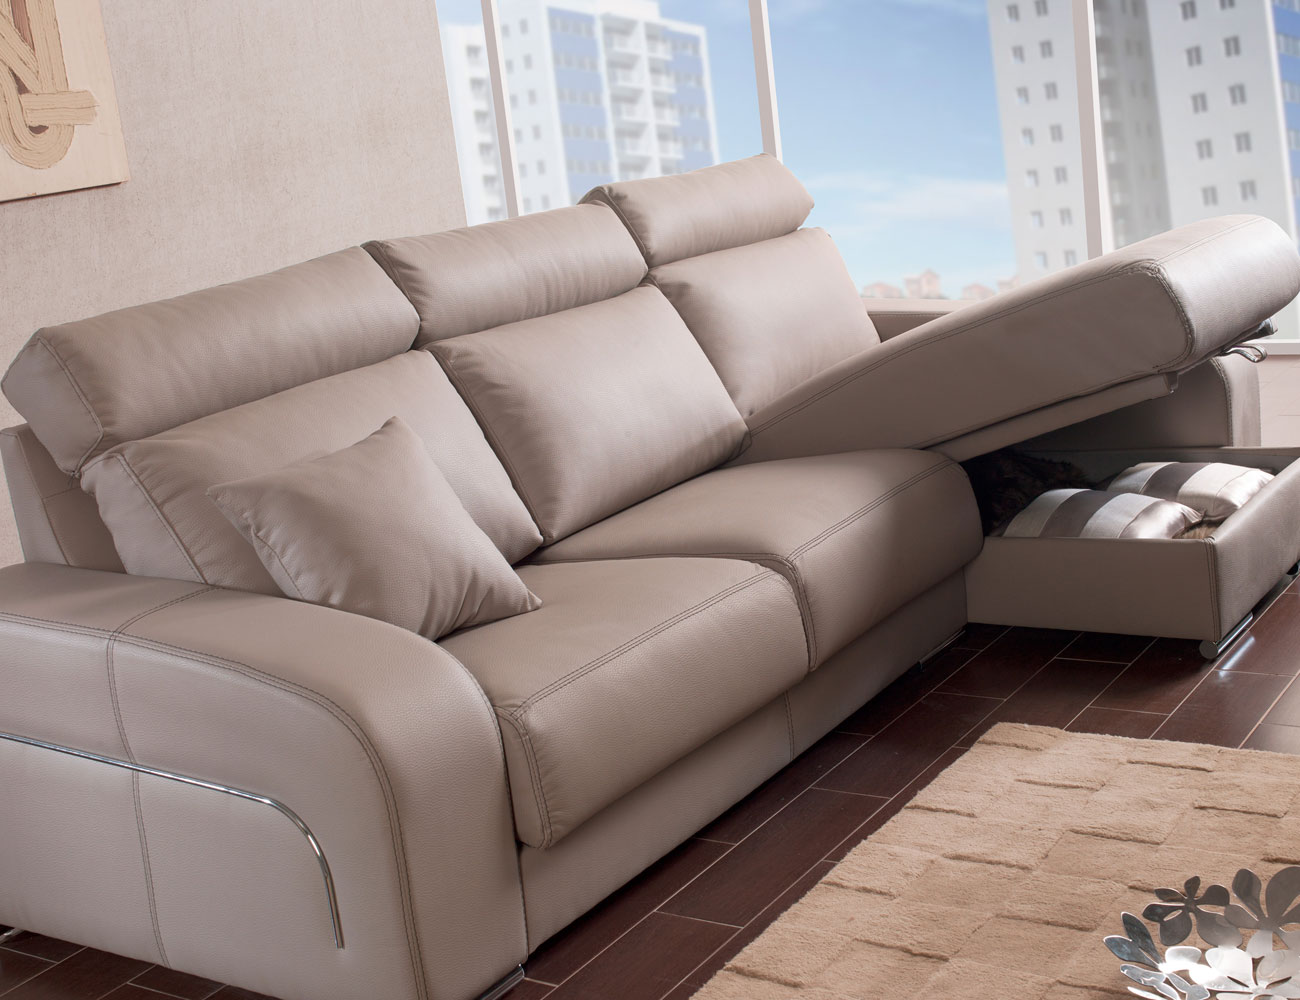 Sofa chaiselongue moderno pared cero arcon72